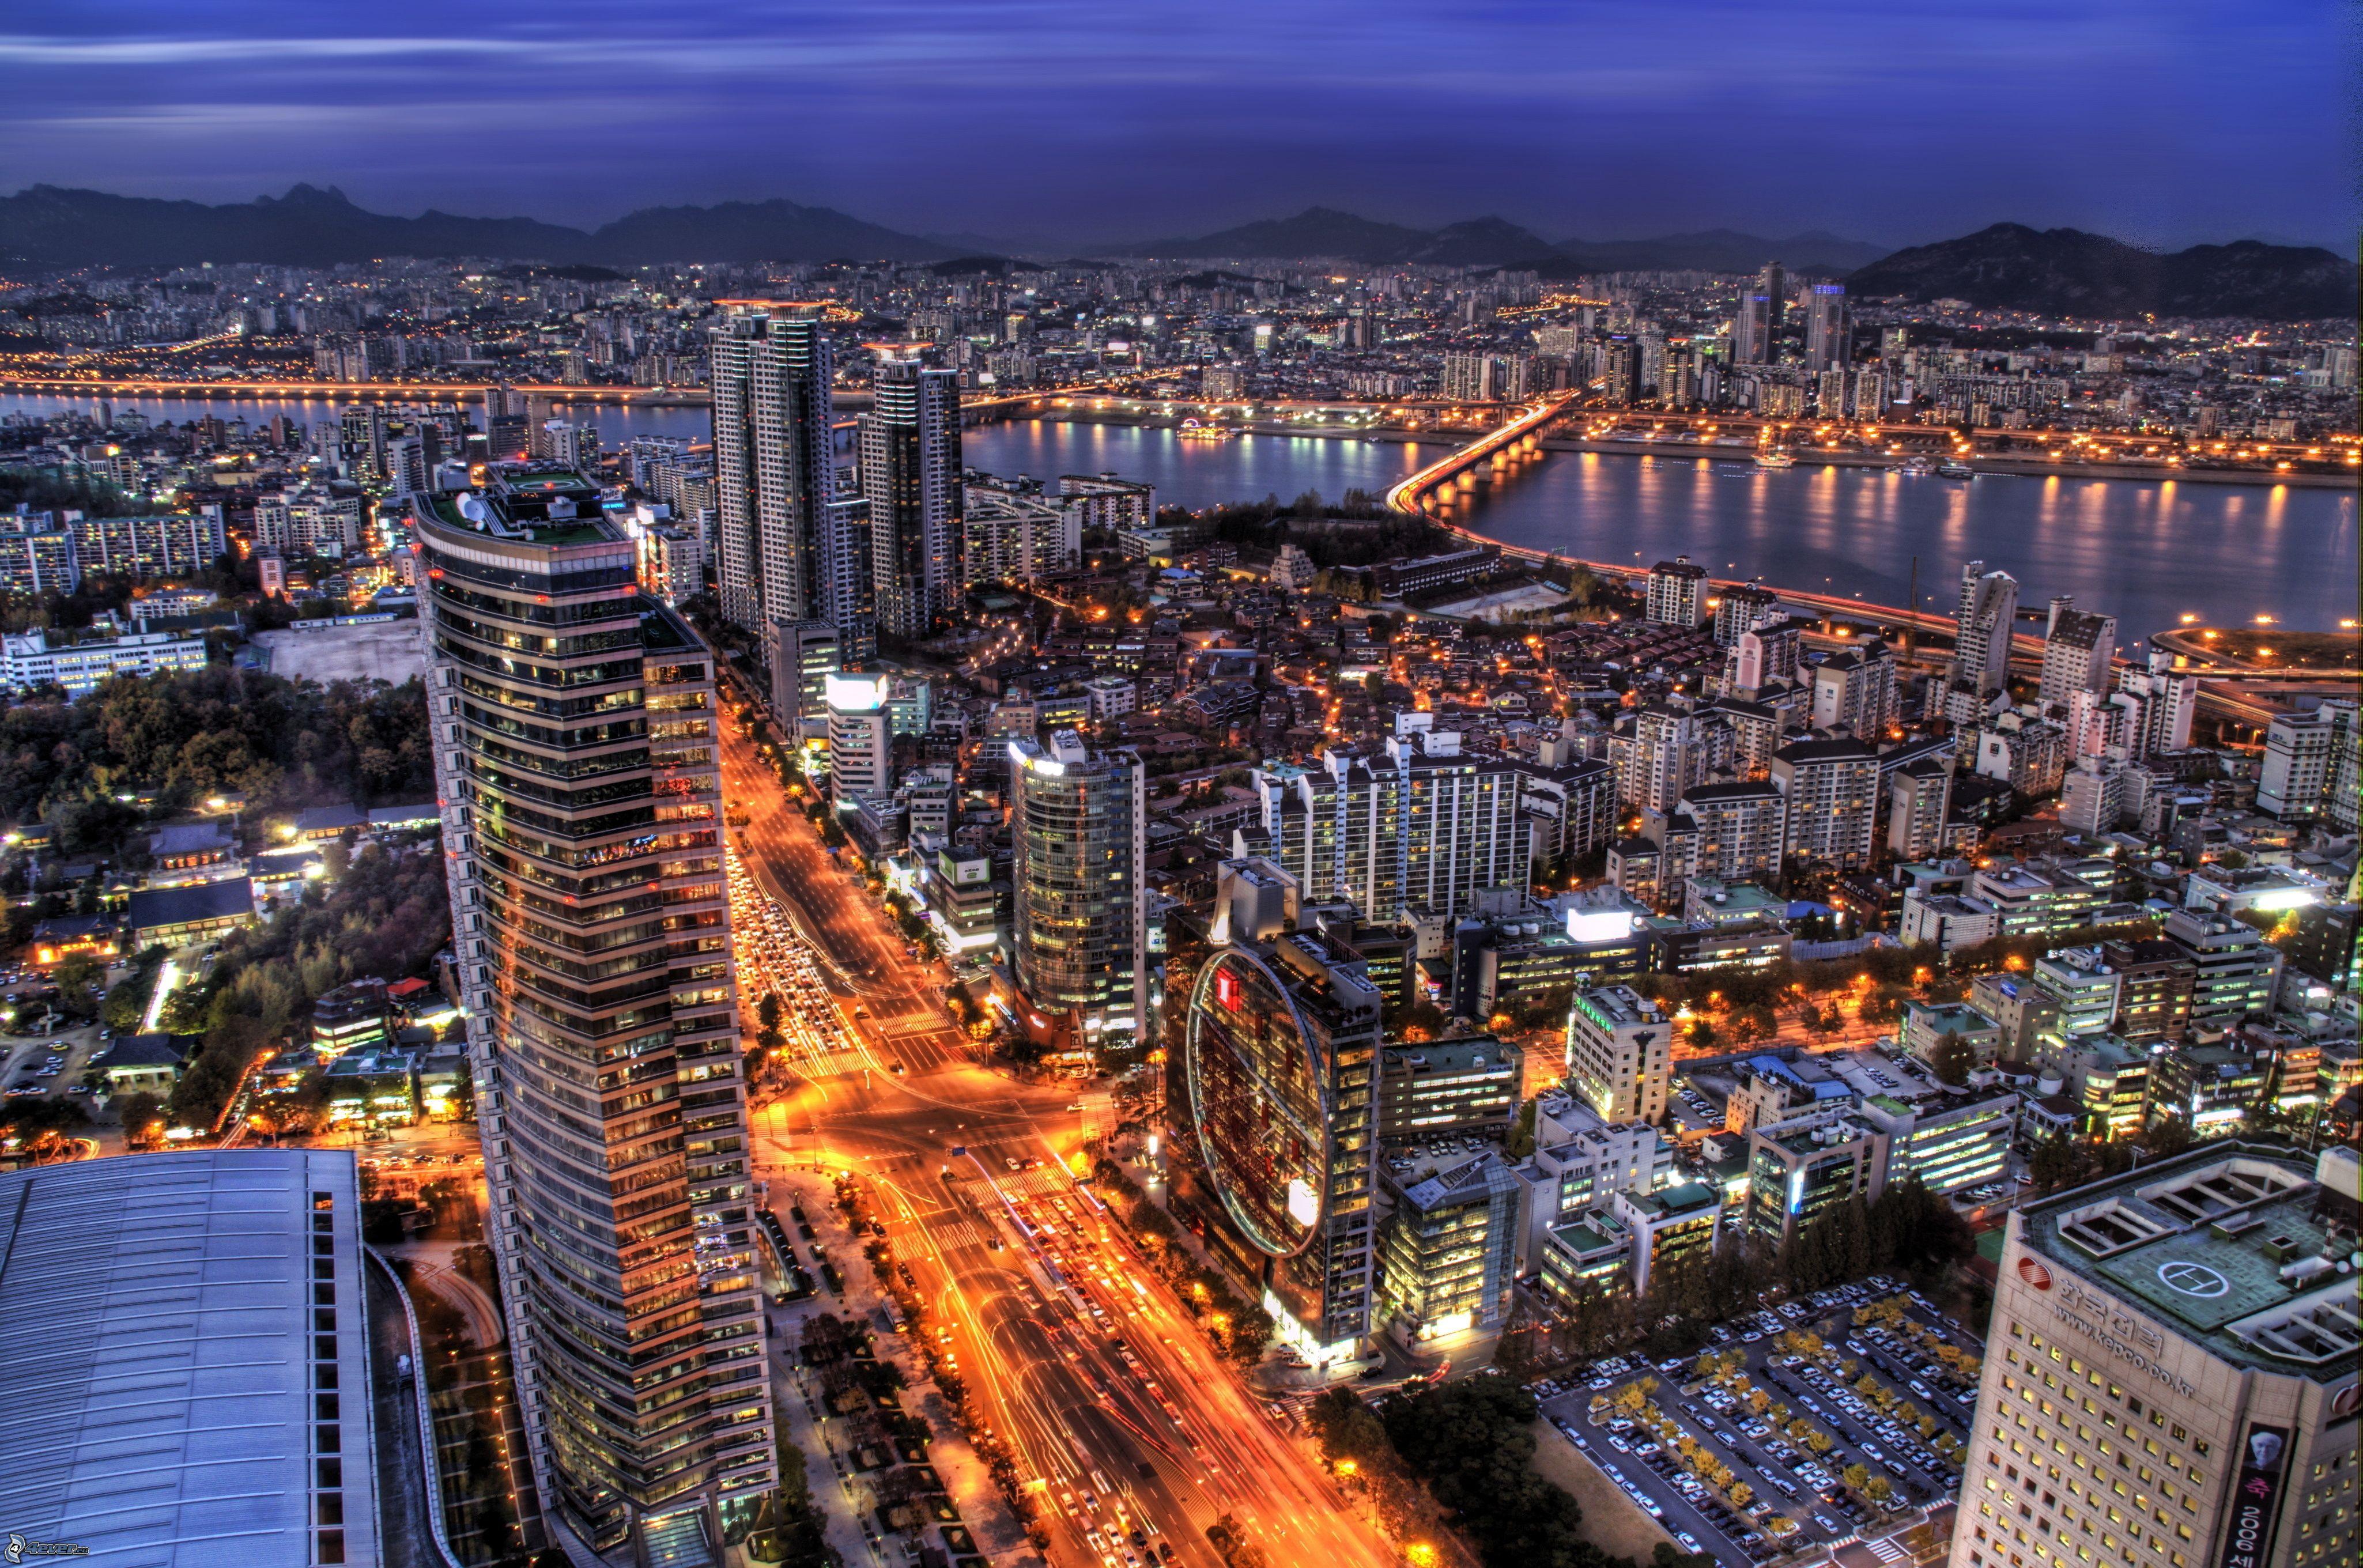 Visioguida a Seul, Asia, Romania, Dubai e mondo in generale